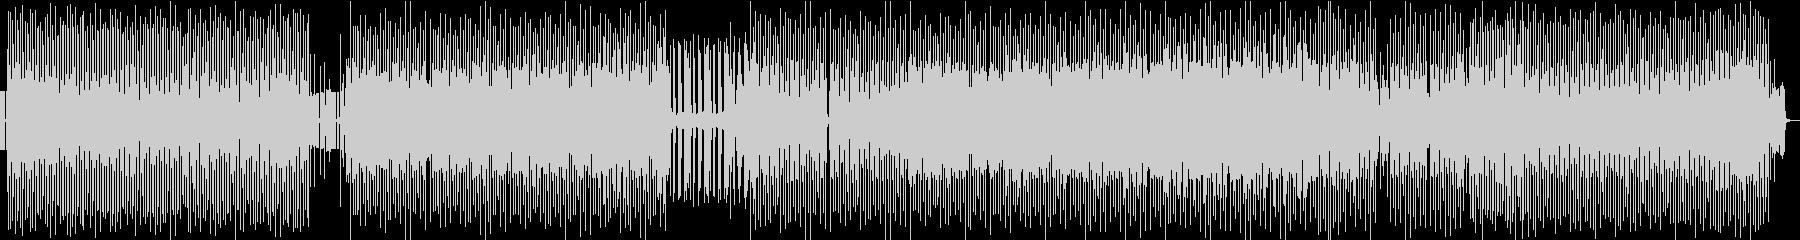 退廃的要素のない旋律を融合させたテクノの未再生の波形